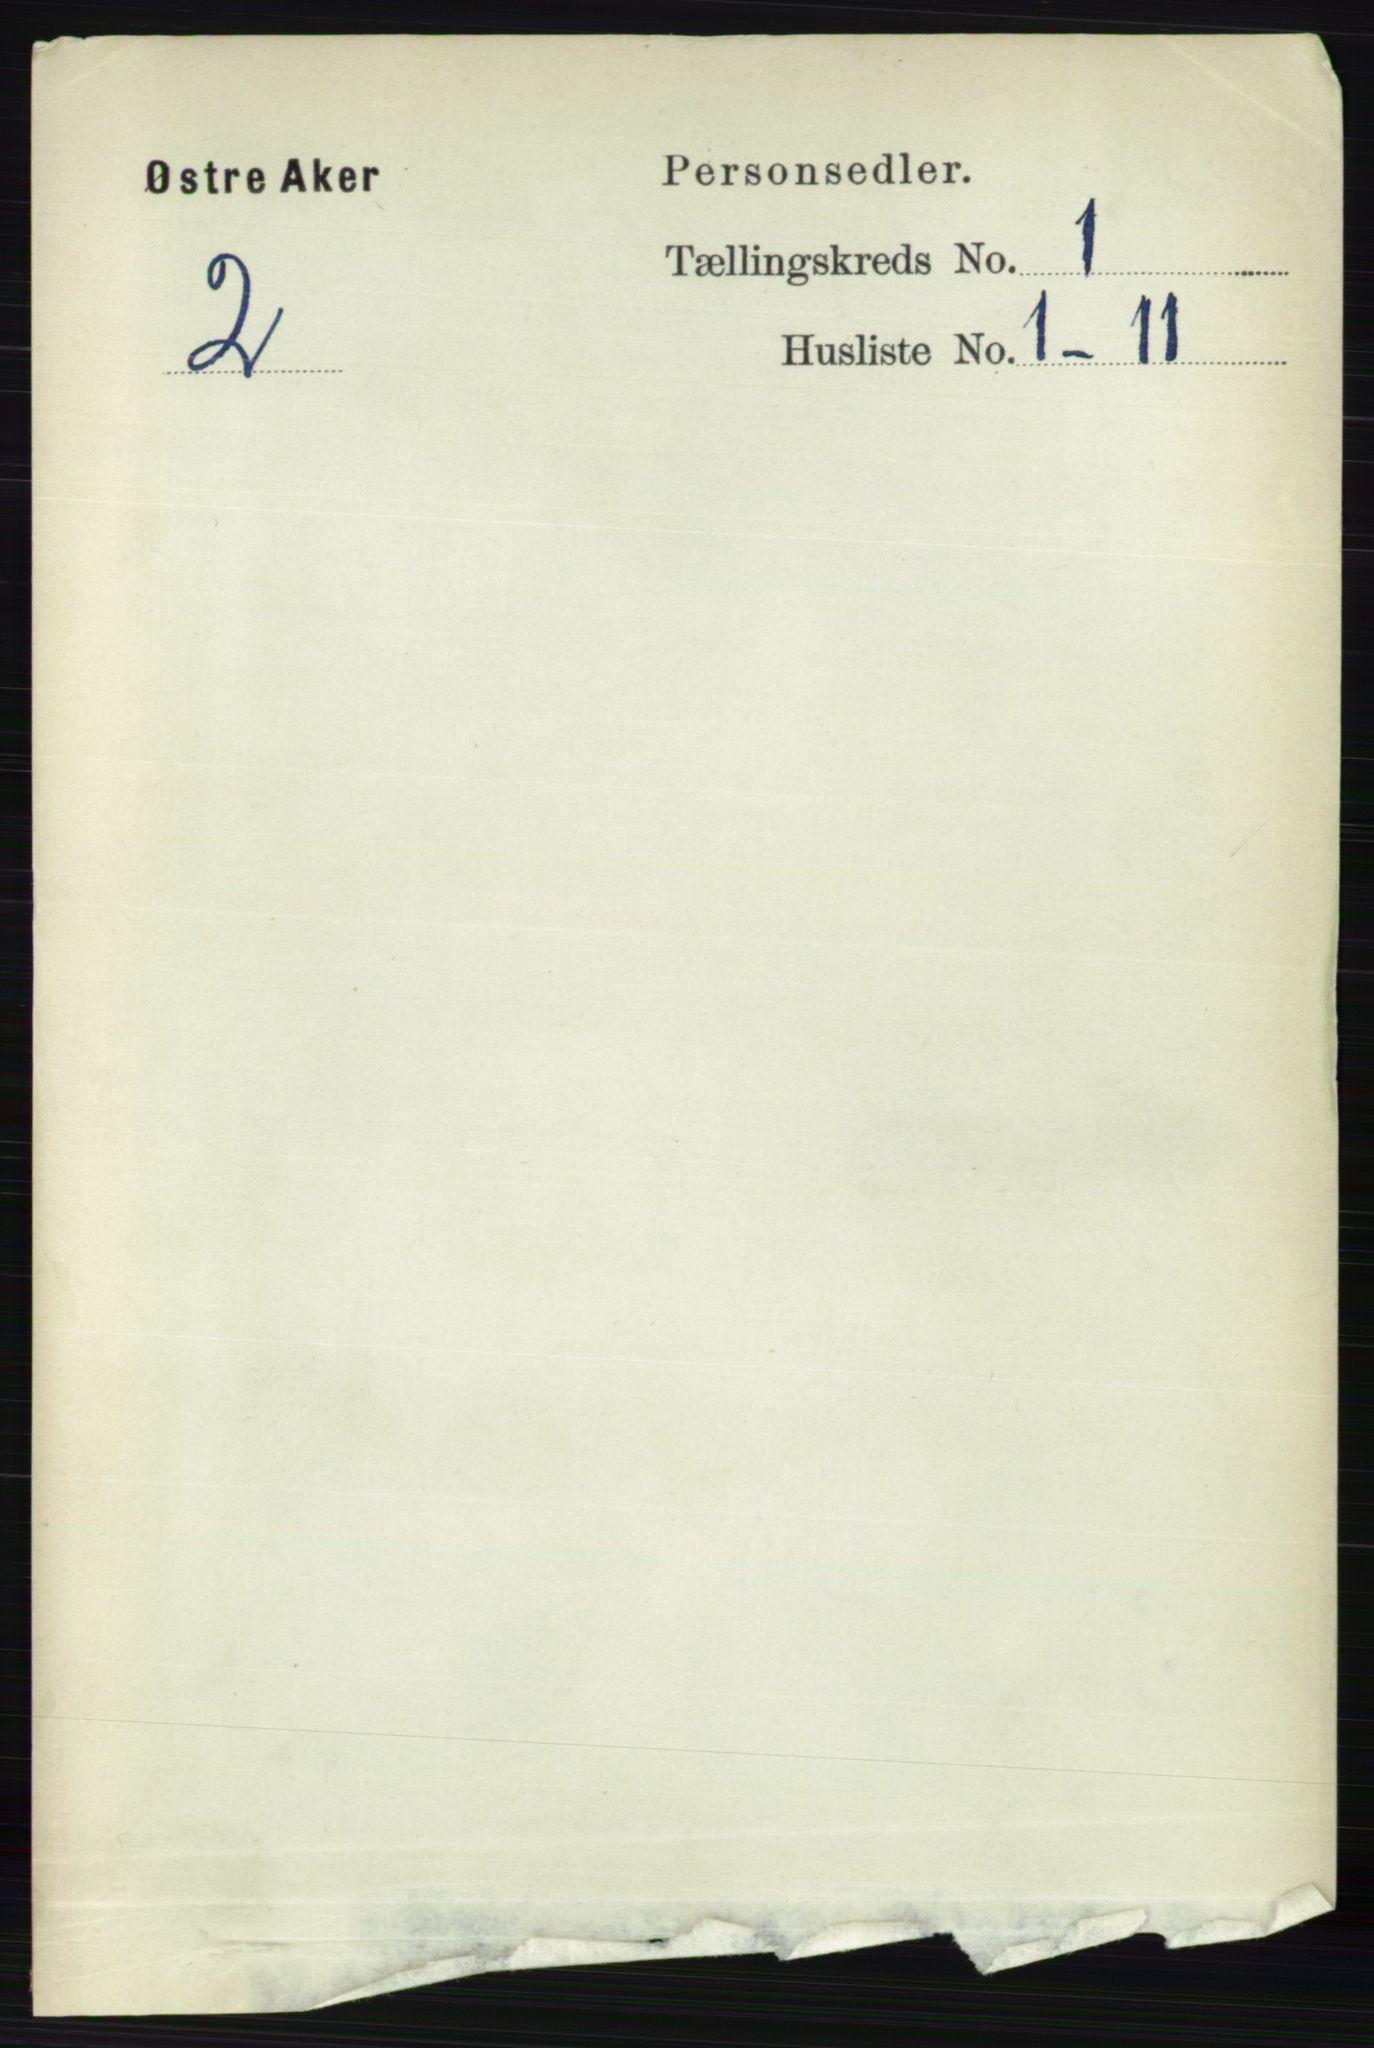 RA, Folketelling 1891 for 0218 Aker herred, 1891, s. 148